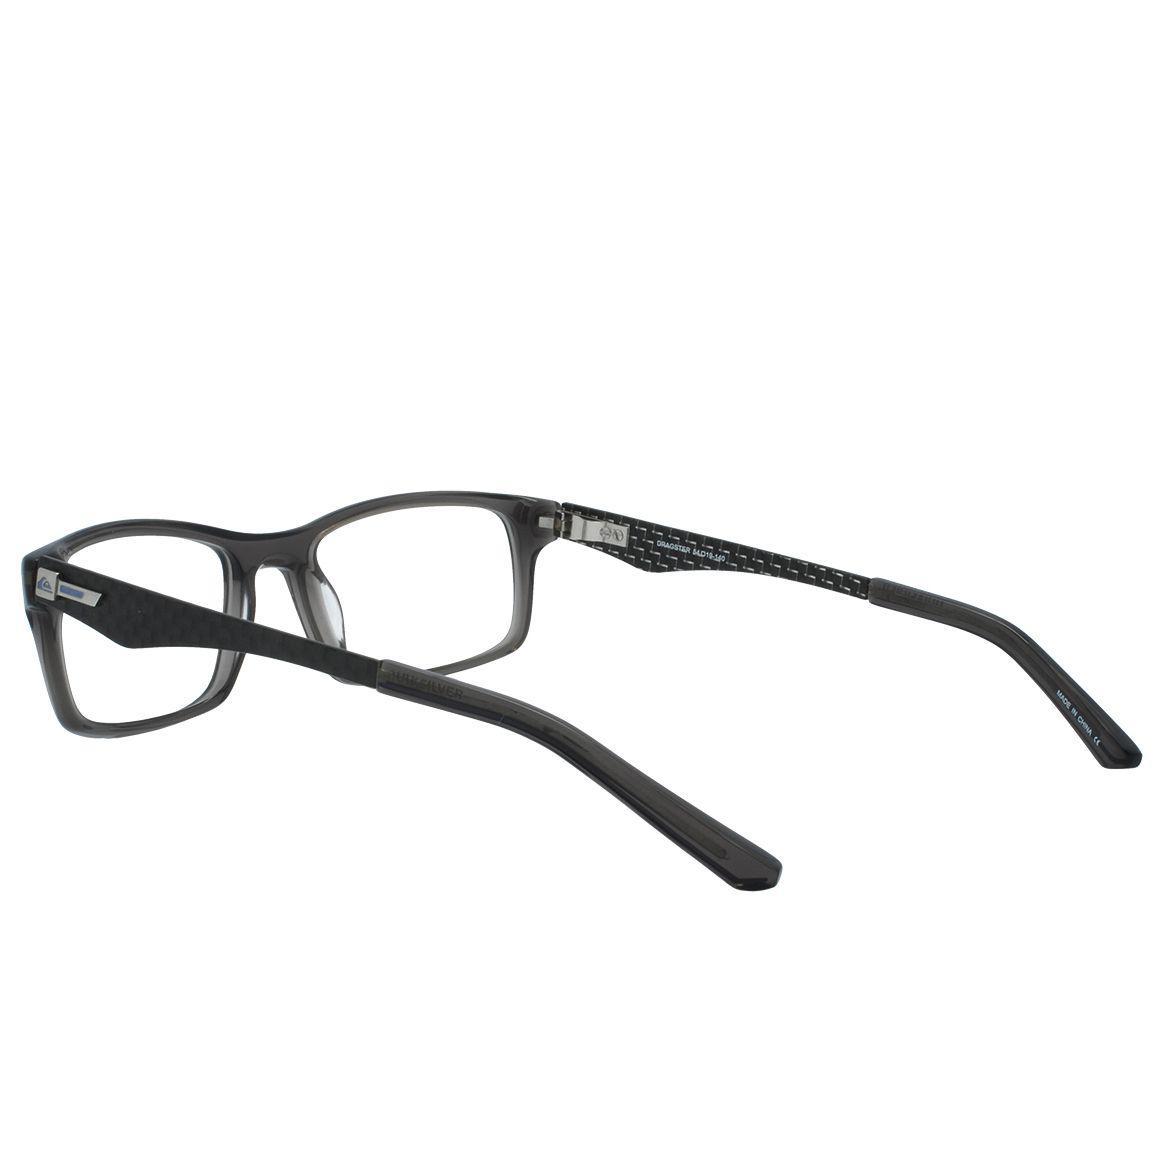 da2432ab287c2 Óculos de Grau Quiksilver Masculino EQYEGO3001 SMOK - Acetato Preto  Translucido Produto não disponível